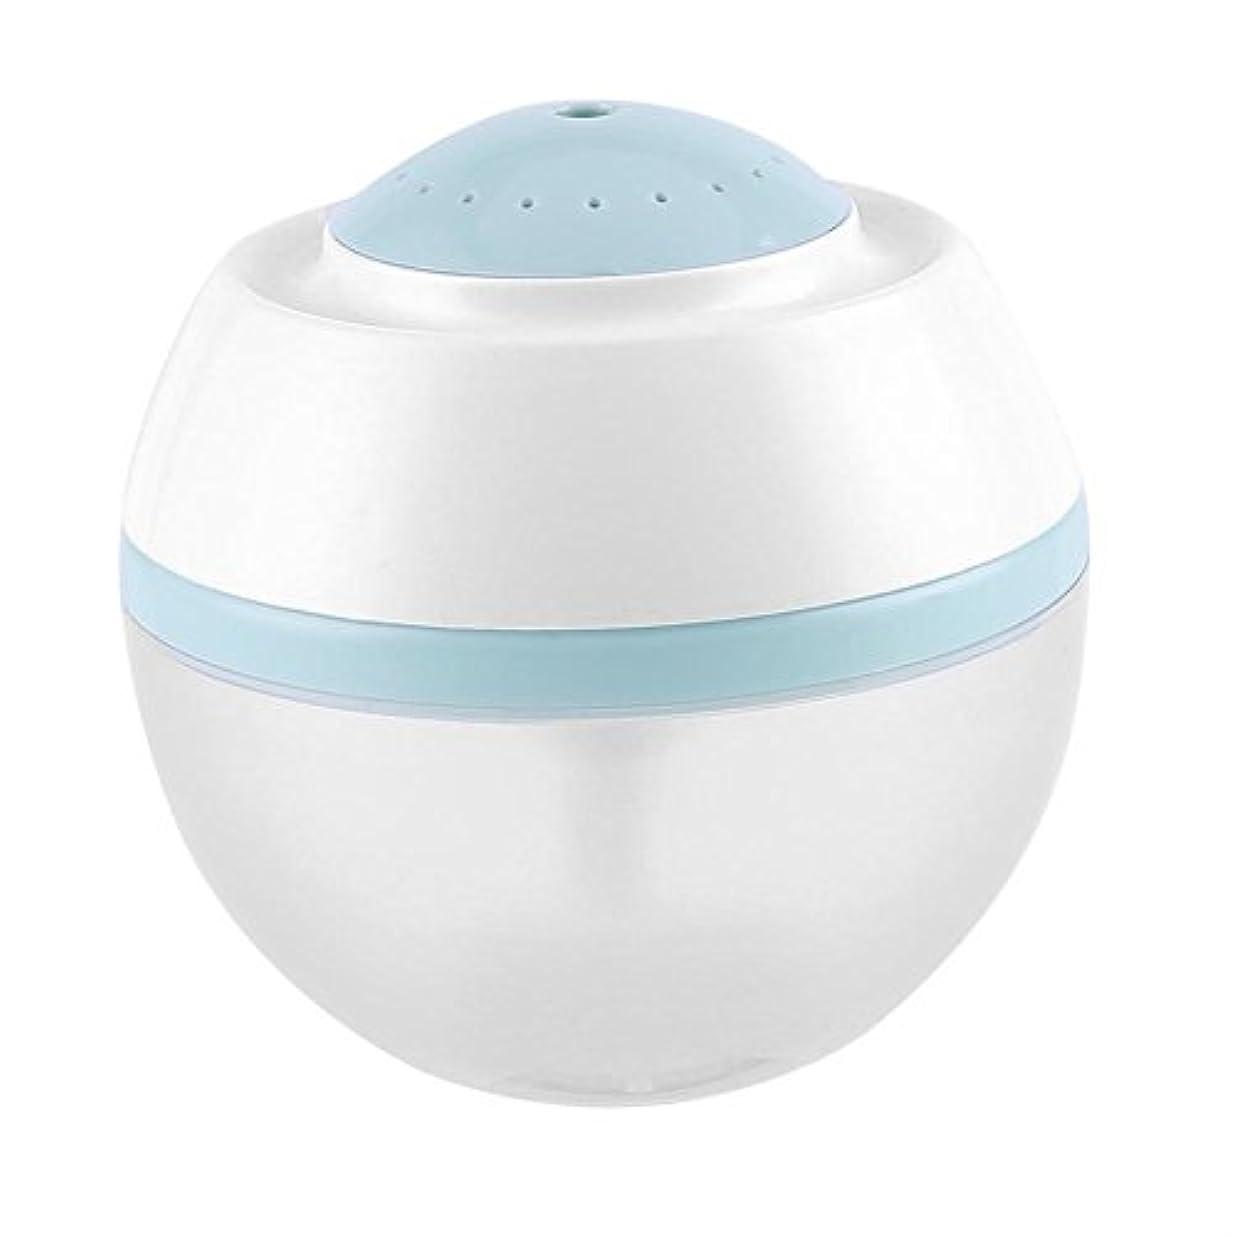 泥棒戸口法律により超音波クールミスト加湿器、500ml空気清浄器気化器ディフューザー7色LED付きプレミアム加湿ユニット(青)